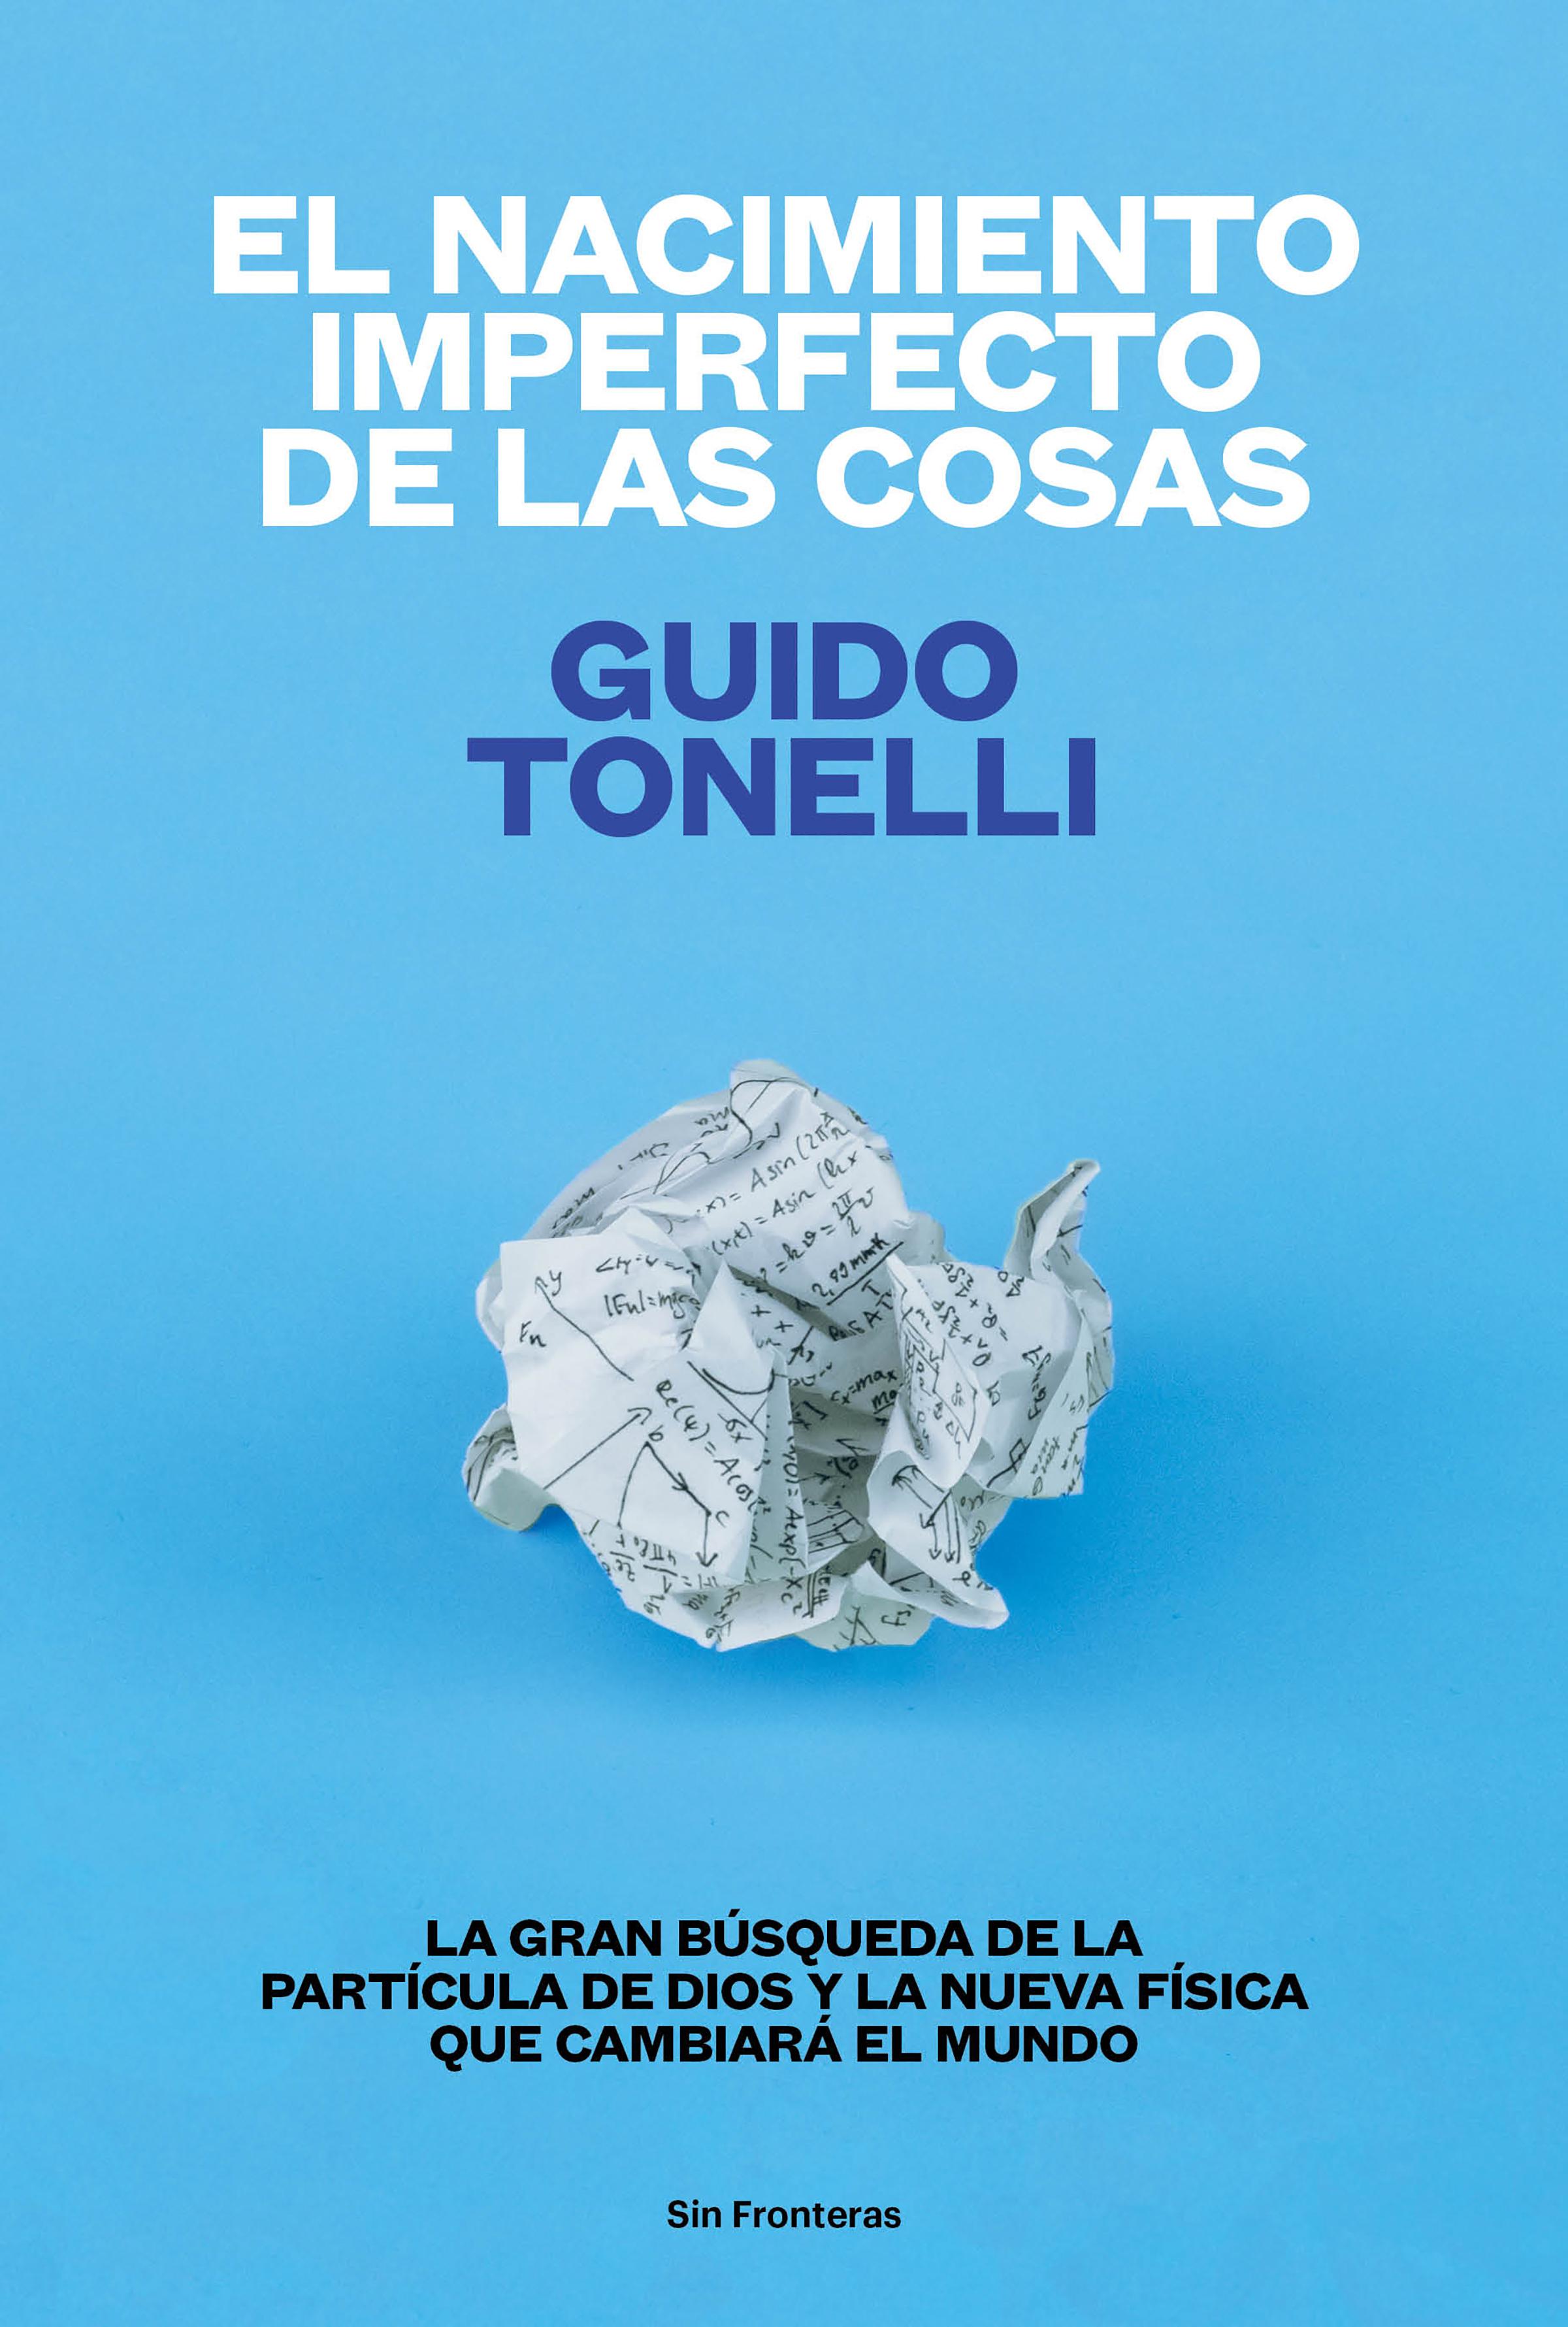 цена на Guido Tonelli El nacimiento imperfecto de las cosas